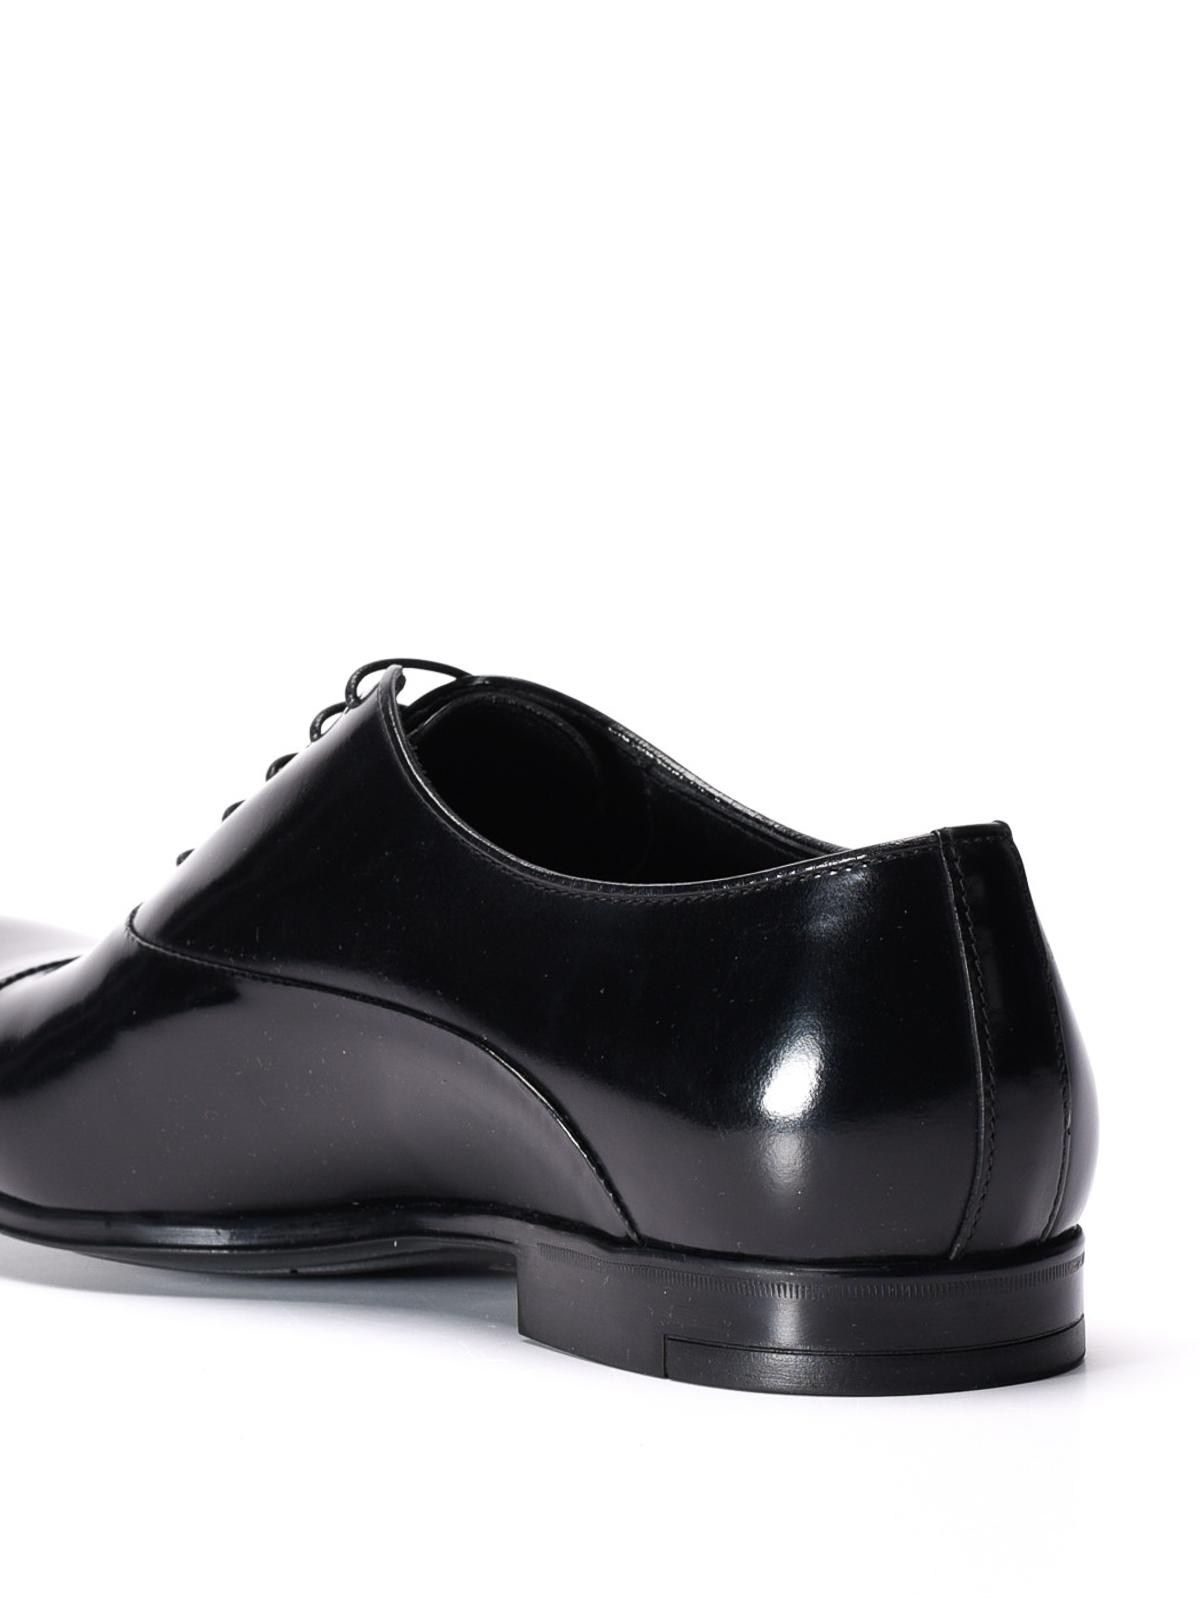 9db8390e5fd03c Doucal's - Chaussures Noir Pour Homme - Chaussures classiques ...